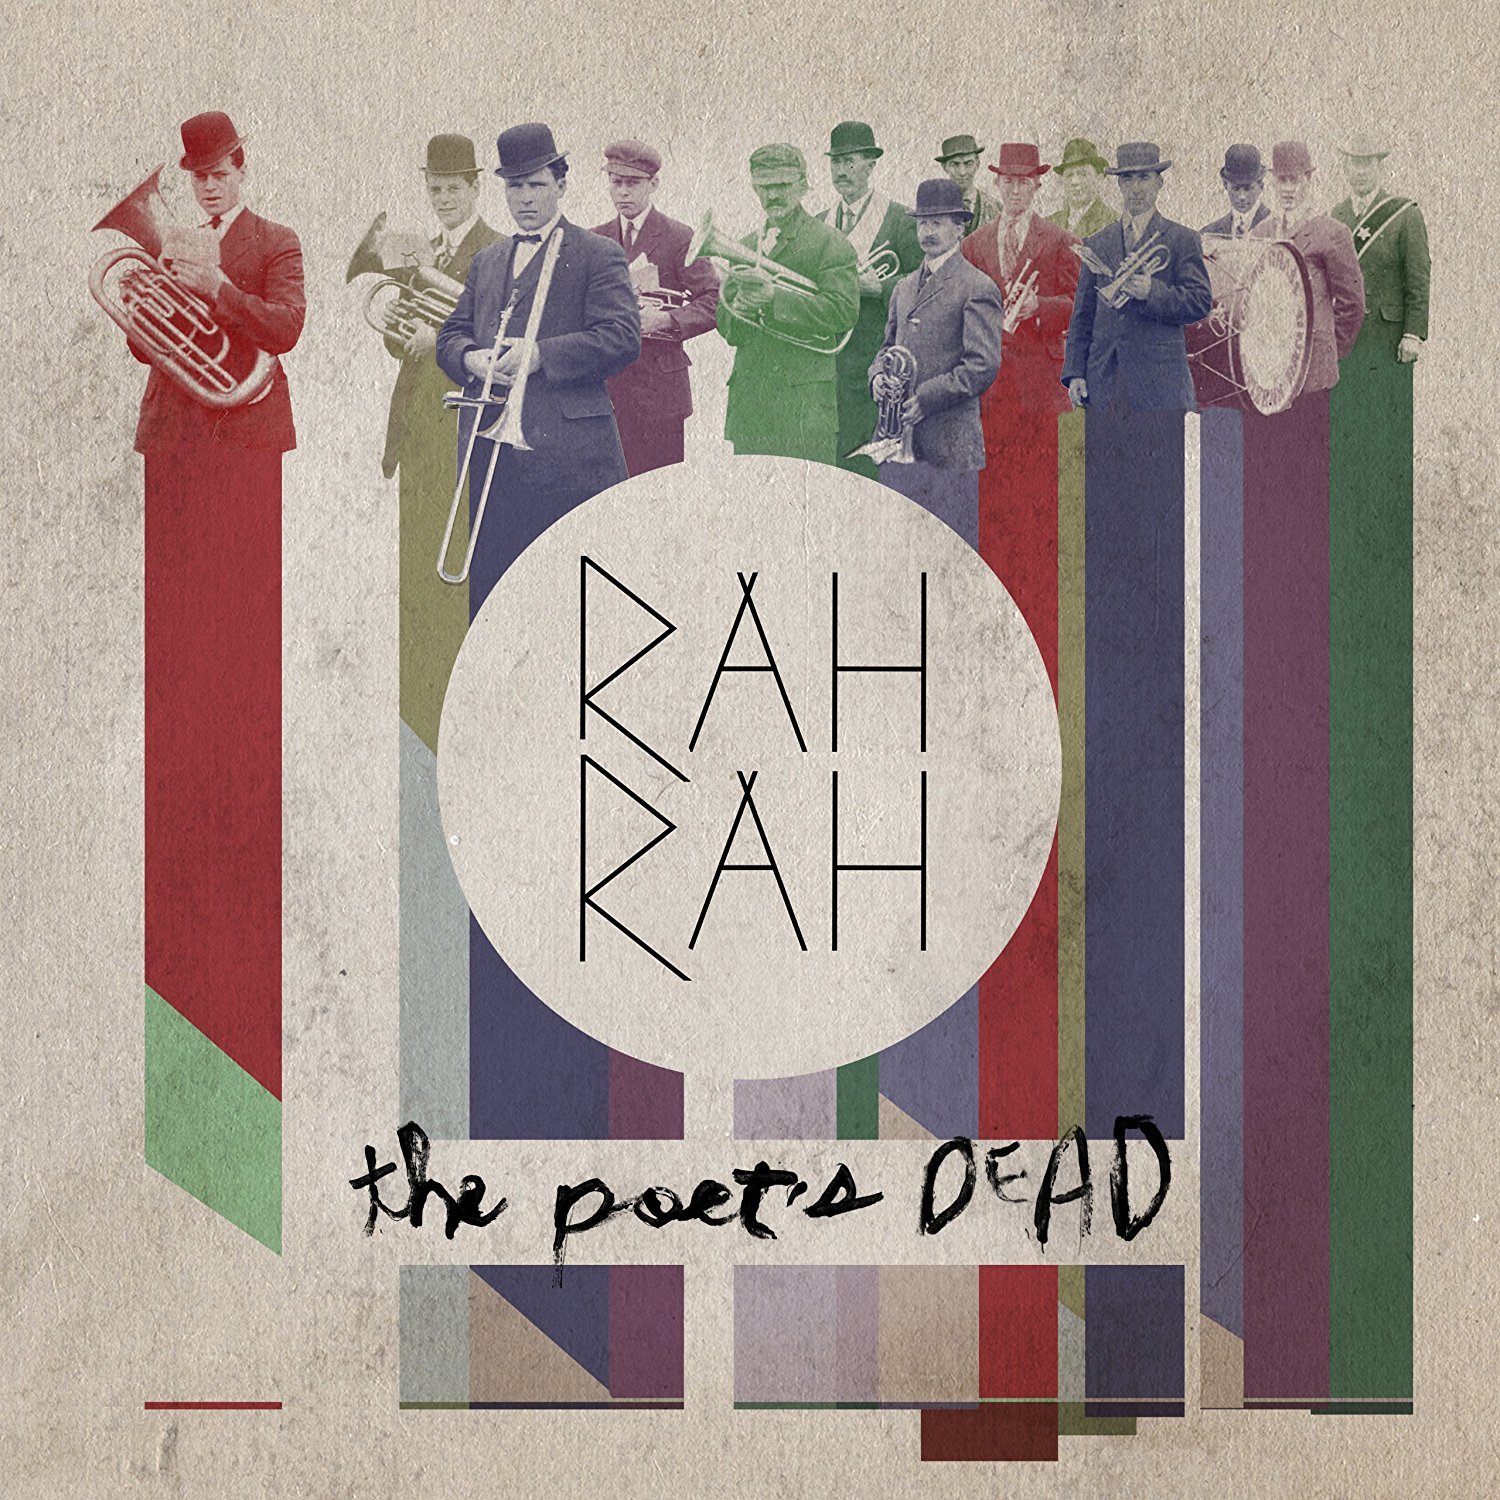 Artist: Rah Rah   Album: The Poet's Dead  Year: 2012  Genre: Indie Rock